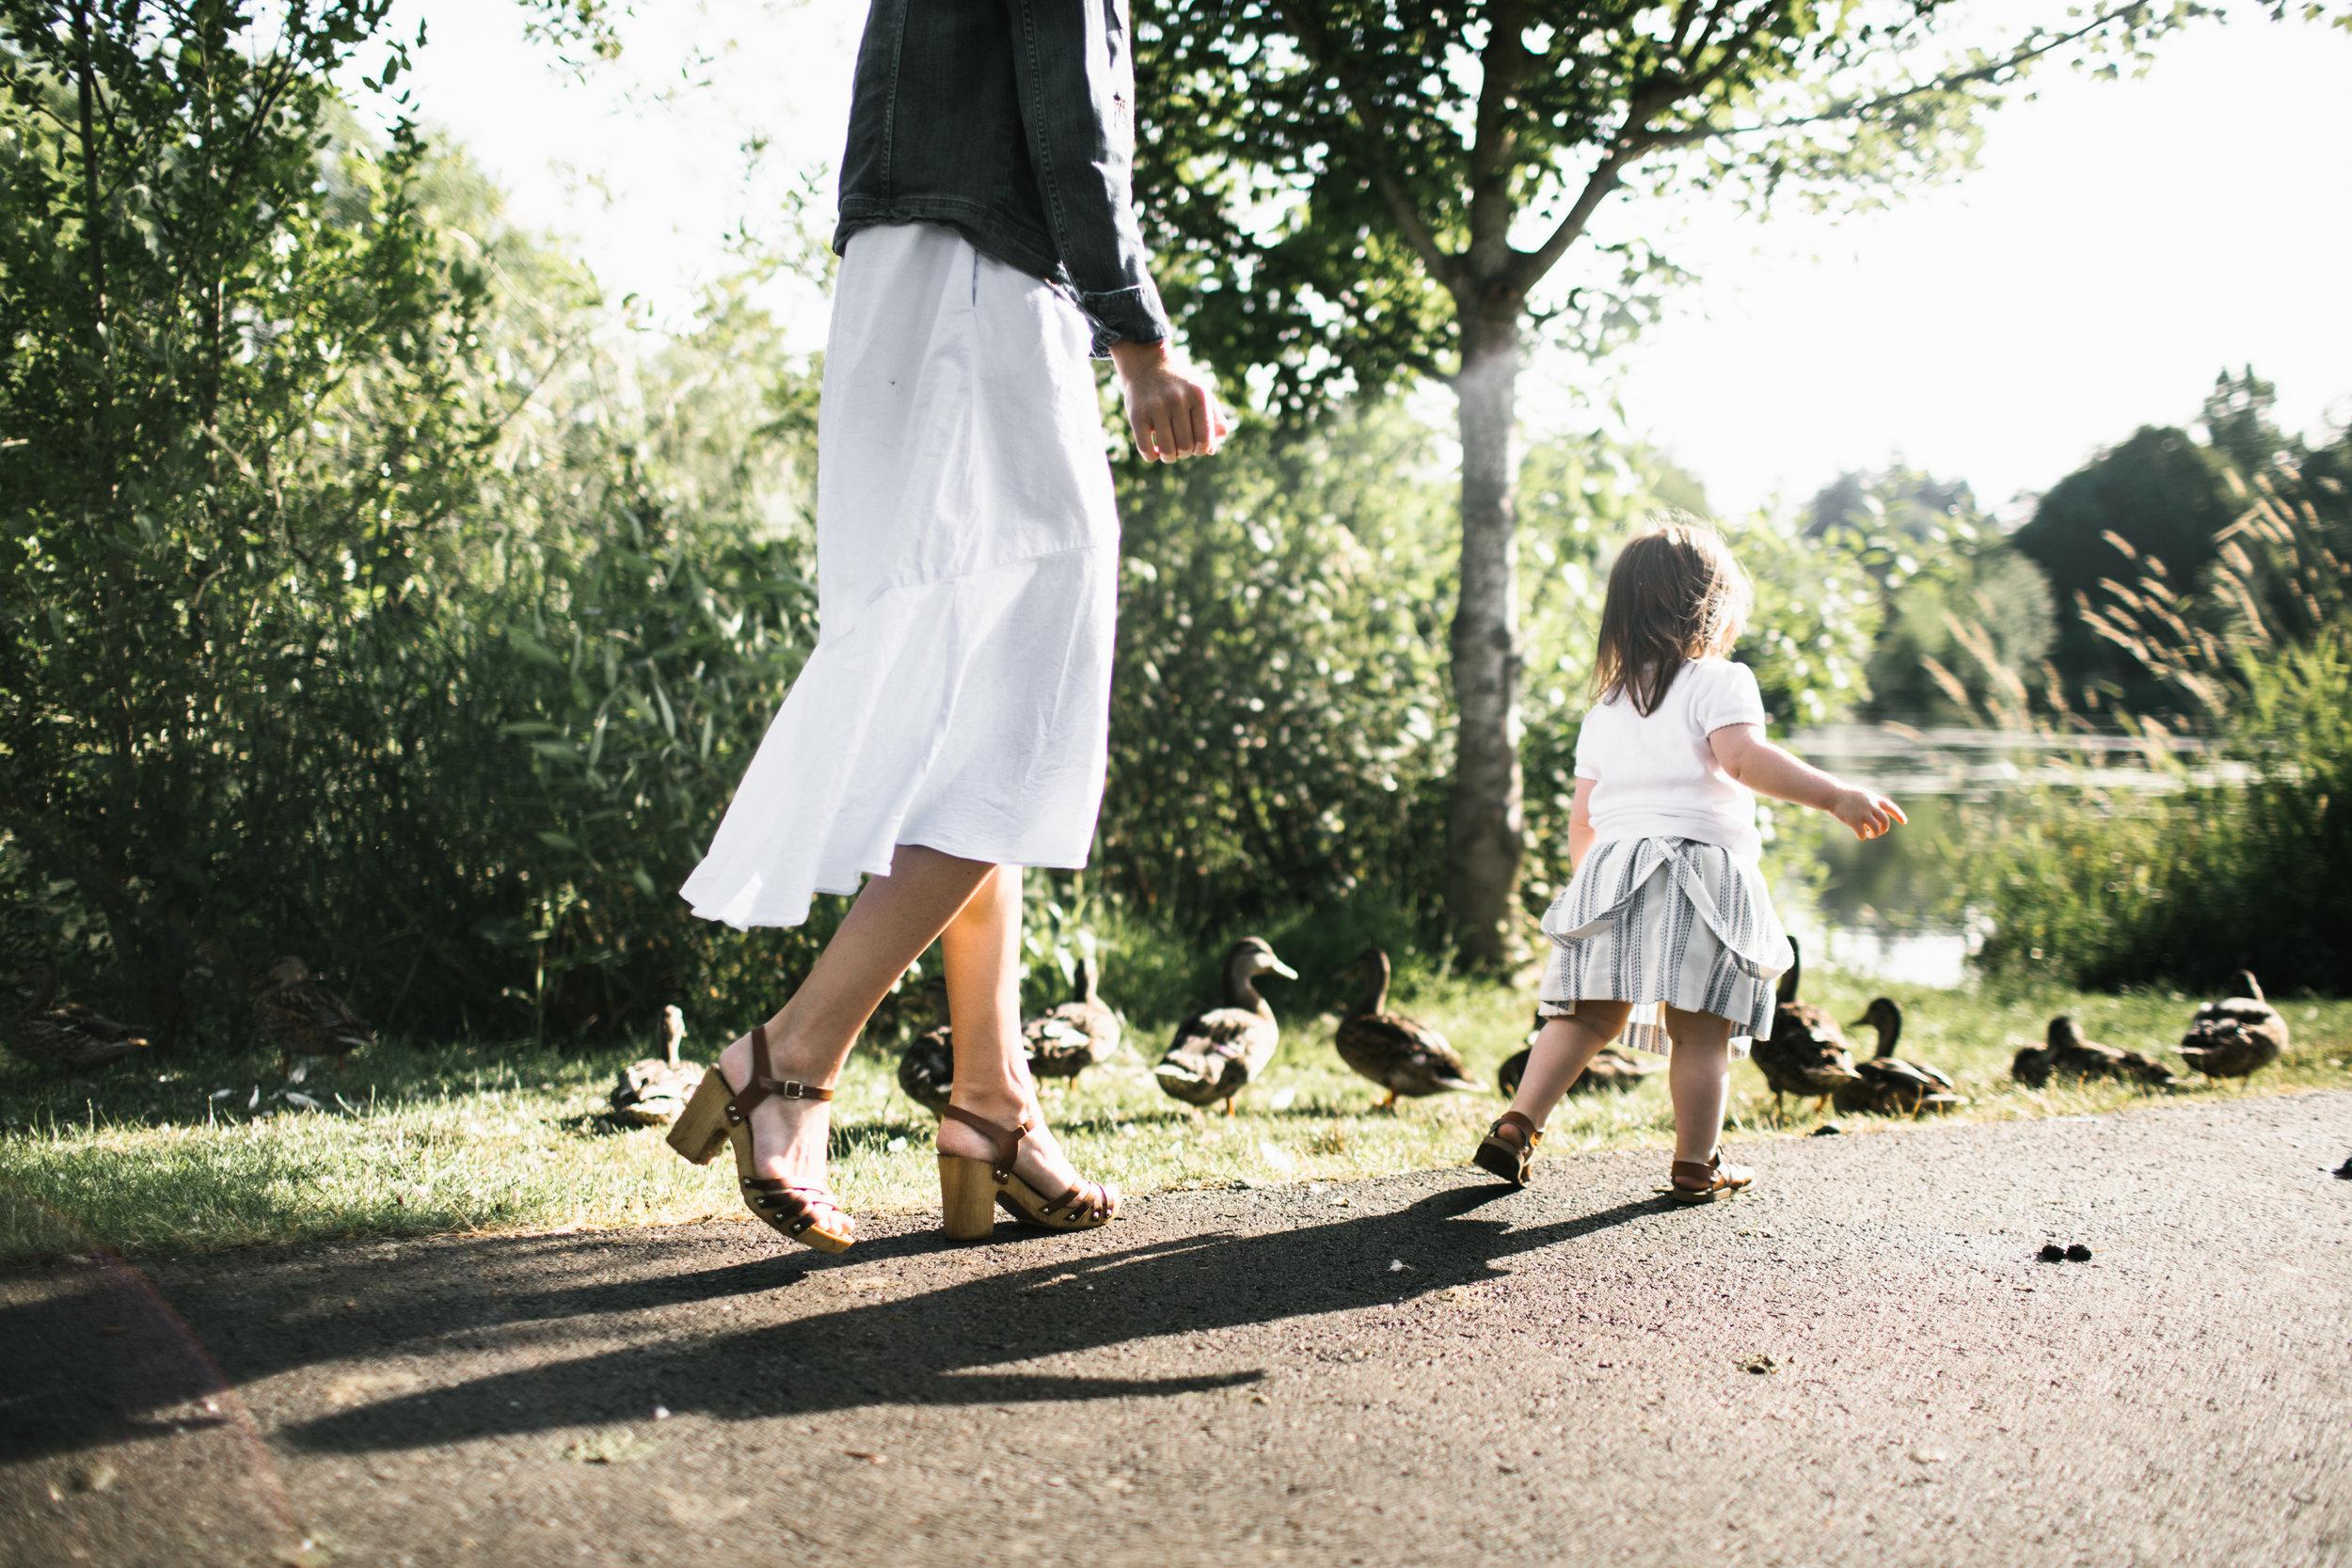 Toddler chasing ducks